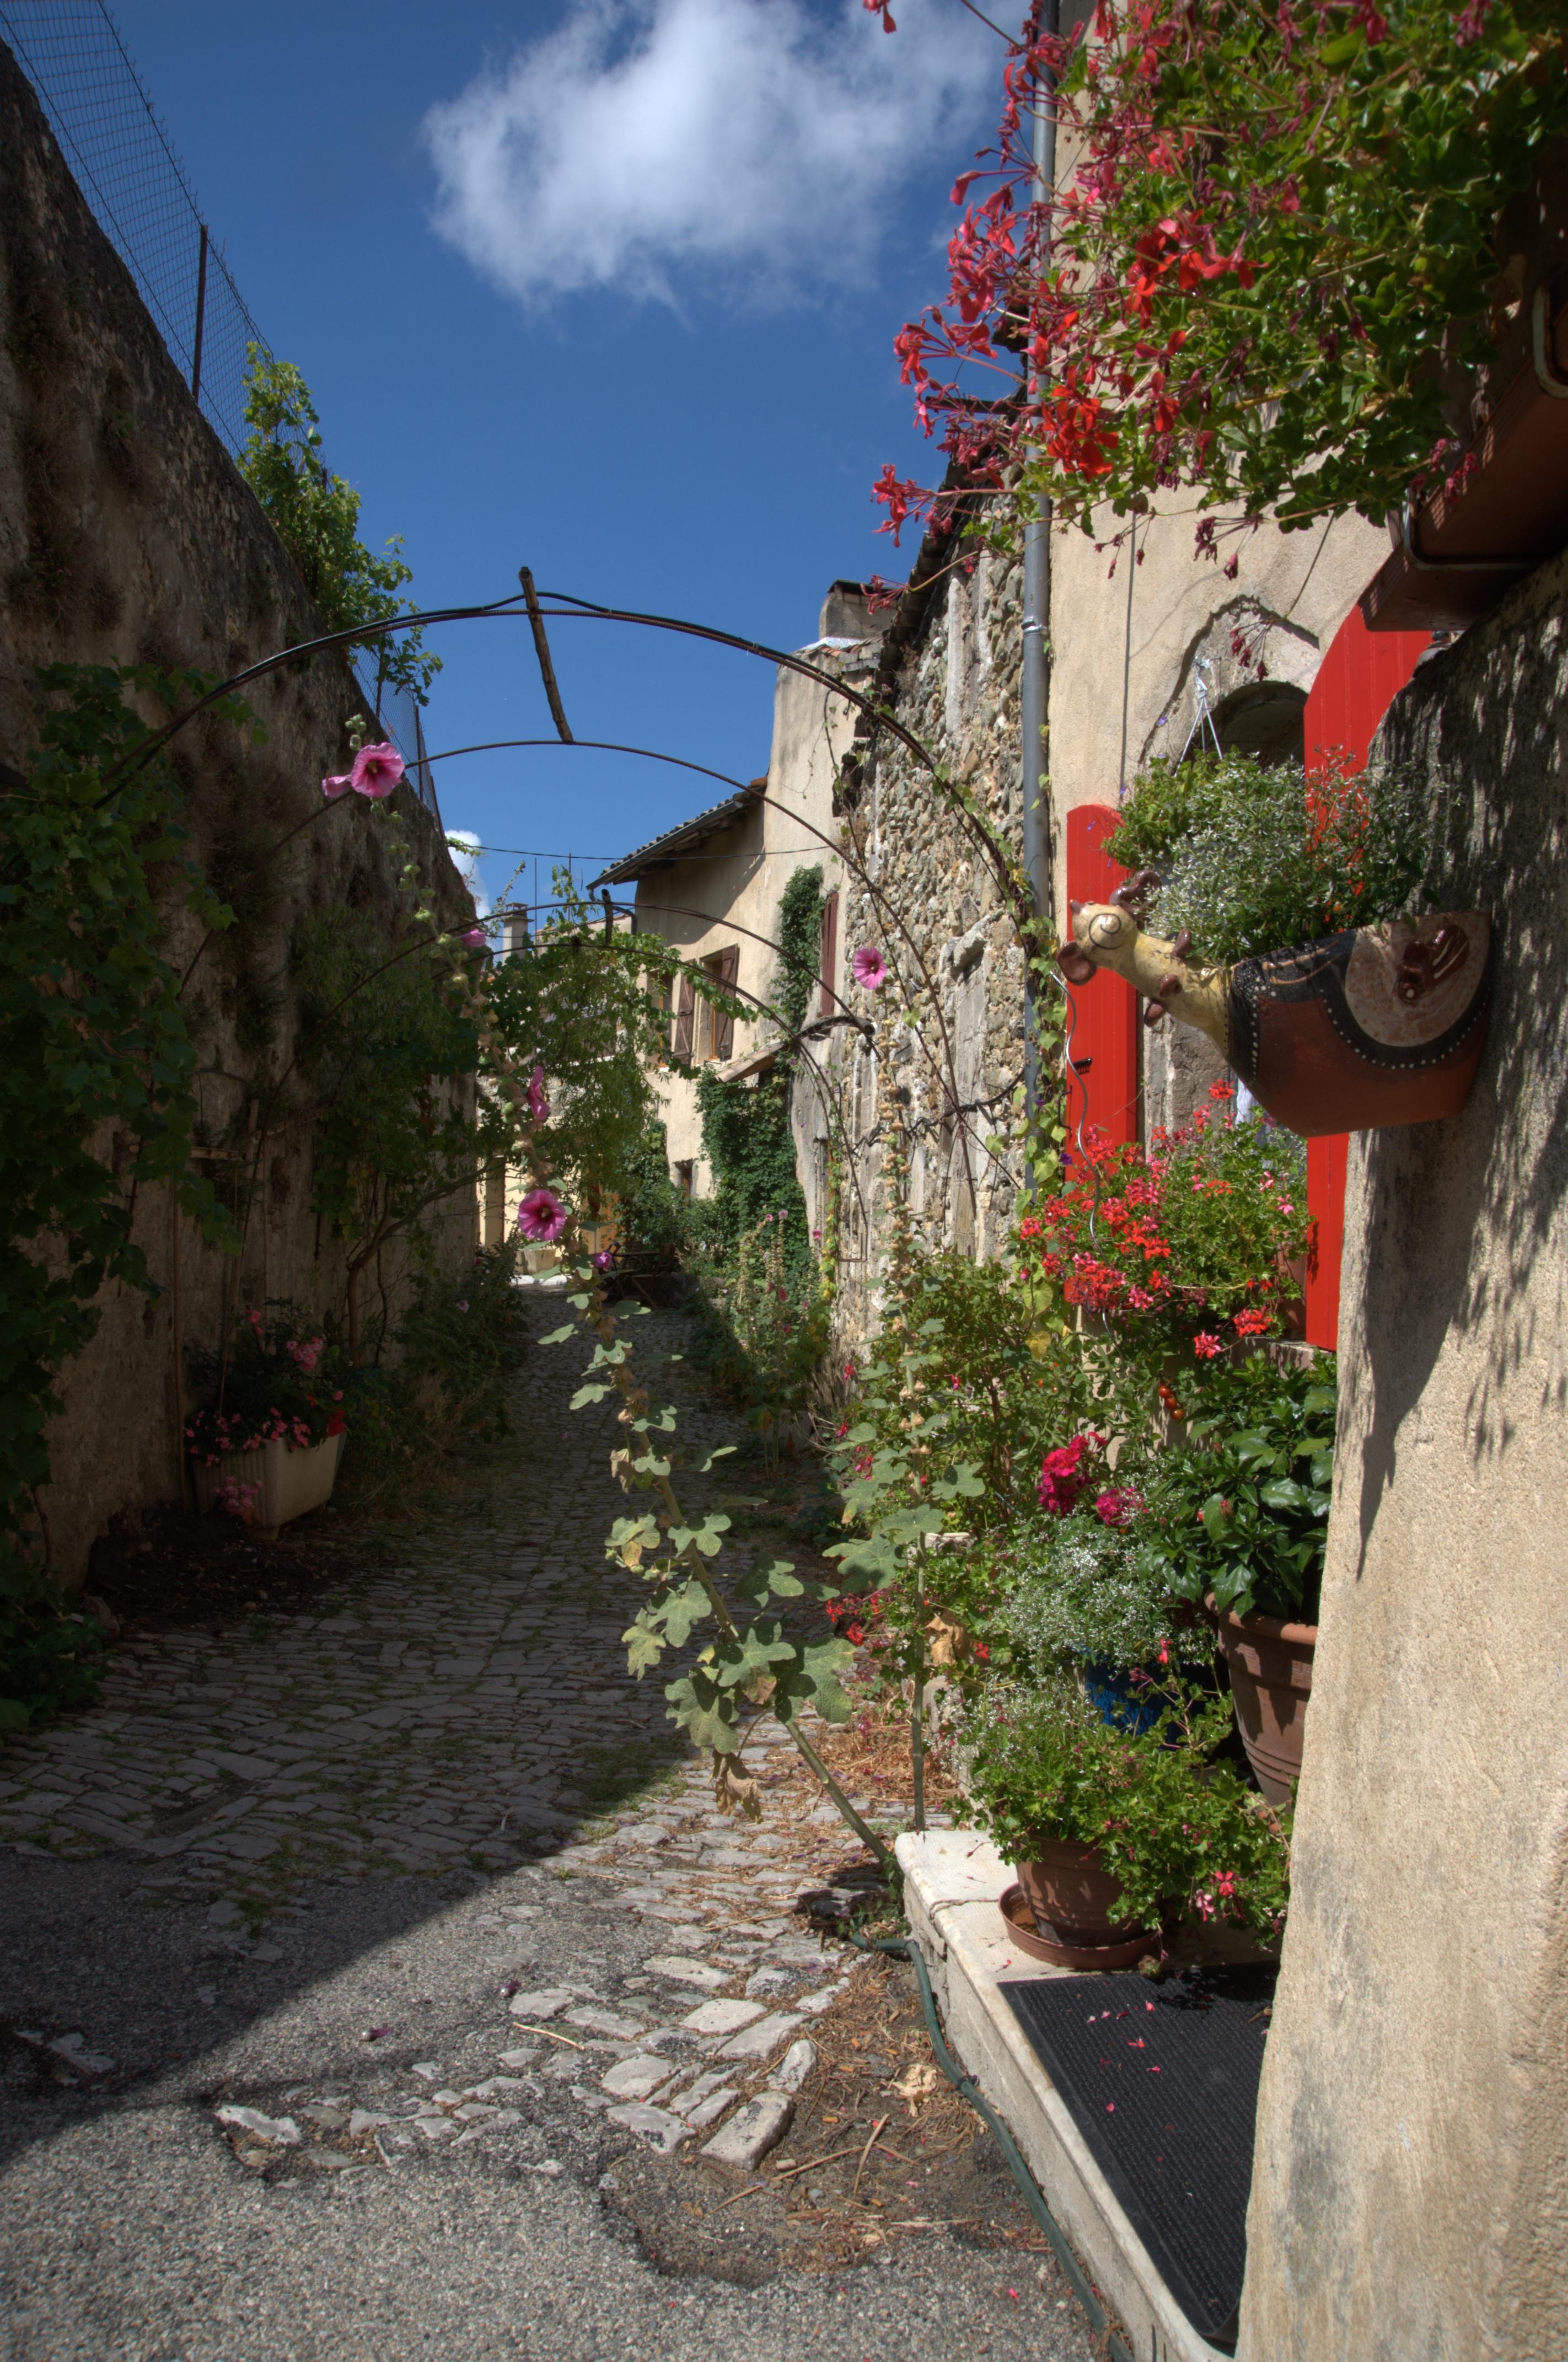 Dieulefit Drôme France vieille ville CC BY-SA Triboulet = Piero d'Houin